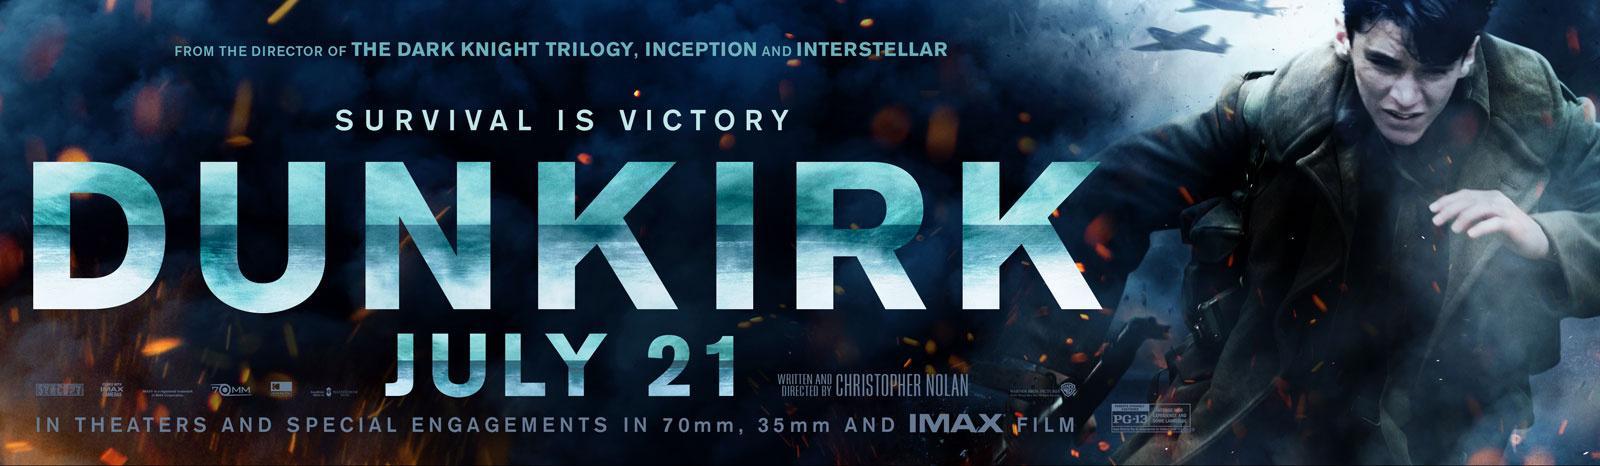 诺兰新片《敦刻尔克》(Dunkirk)再发海报